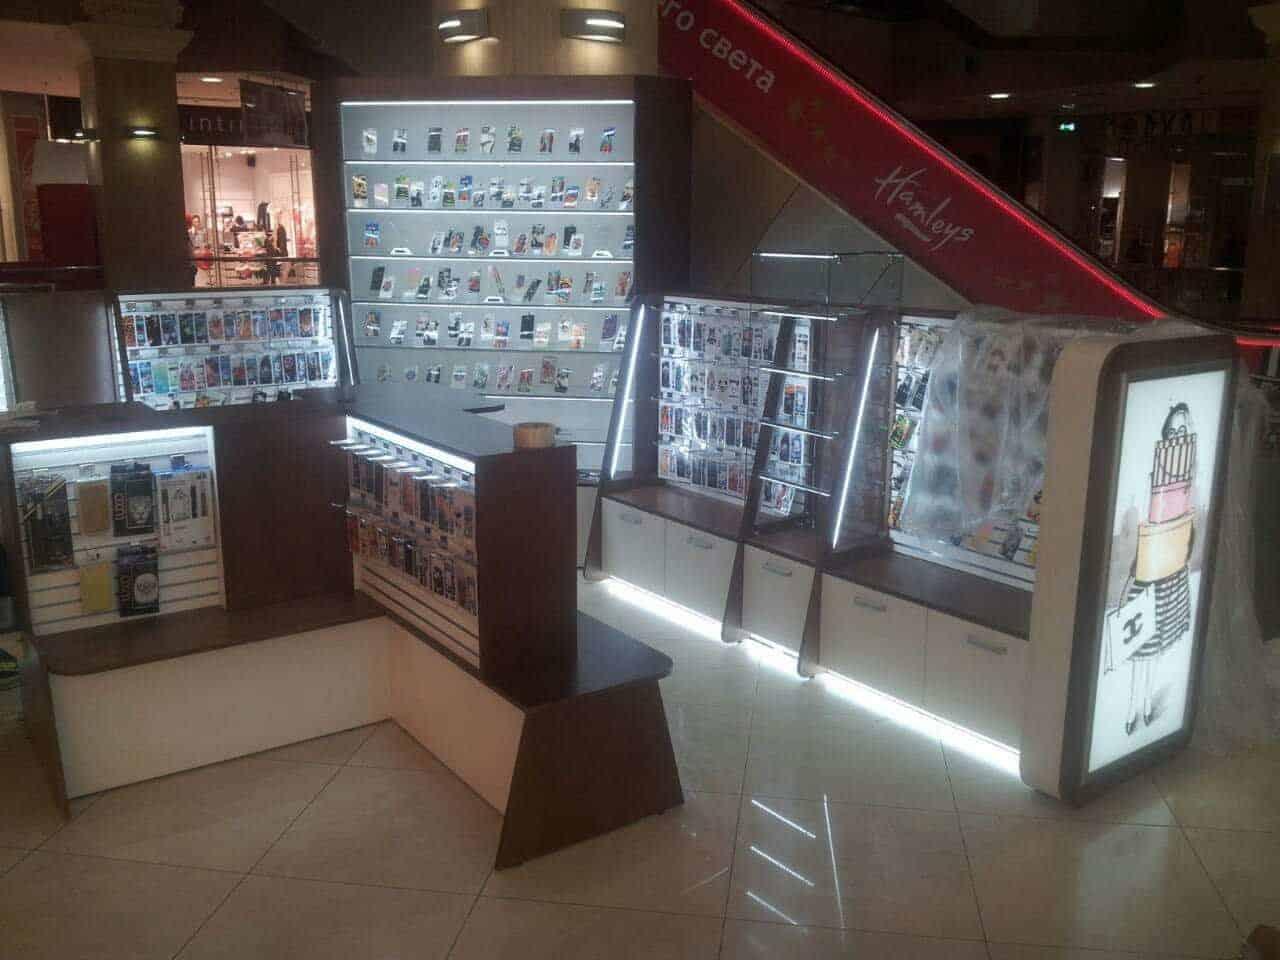 Завершен монтаж торговой мебели под аксессуары для телефонов в ТЦ «Европейский»